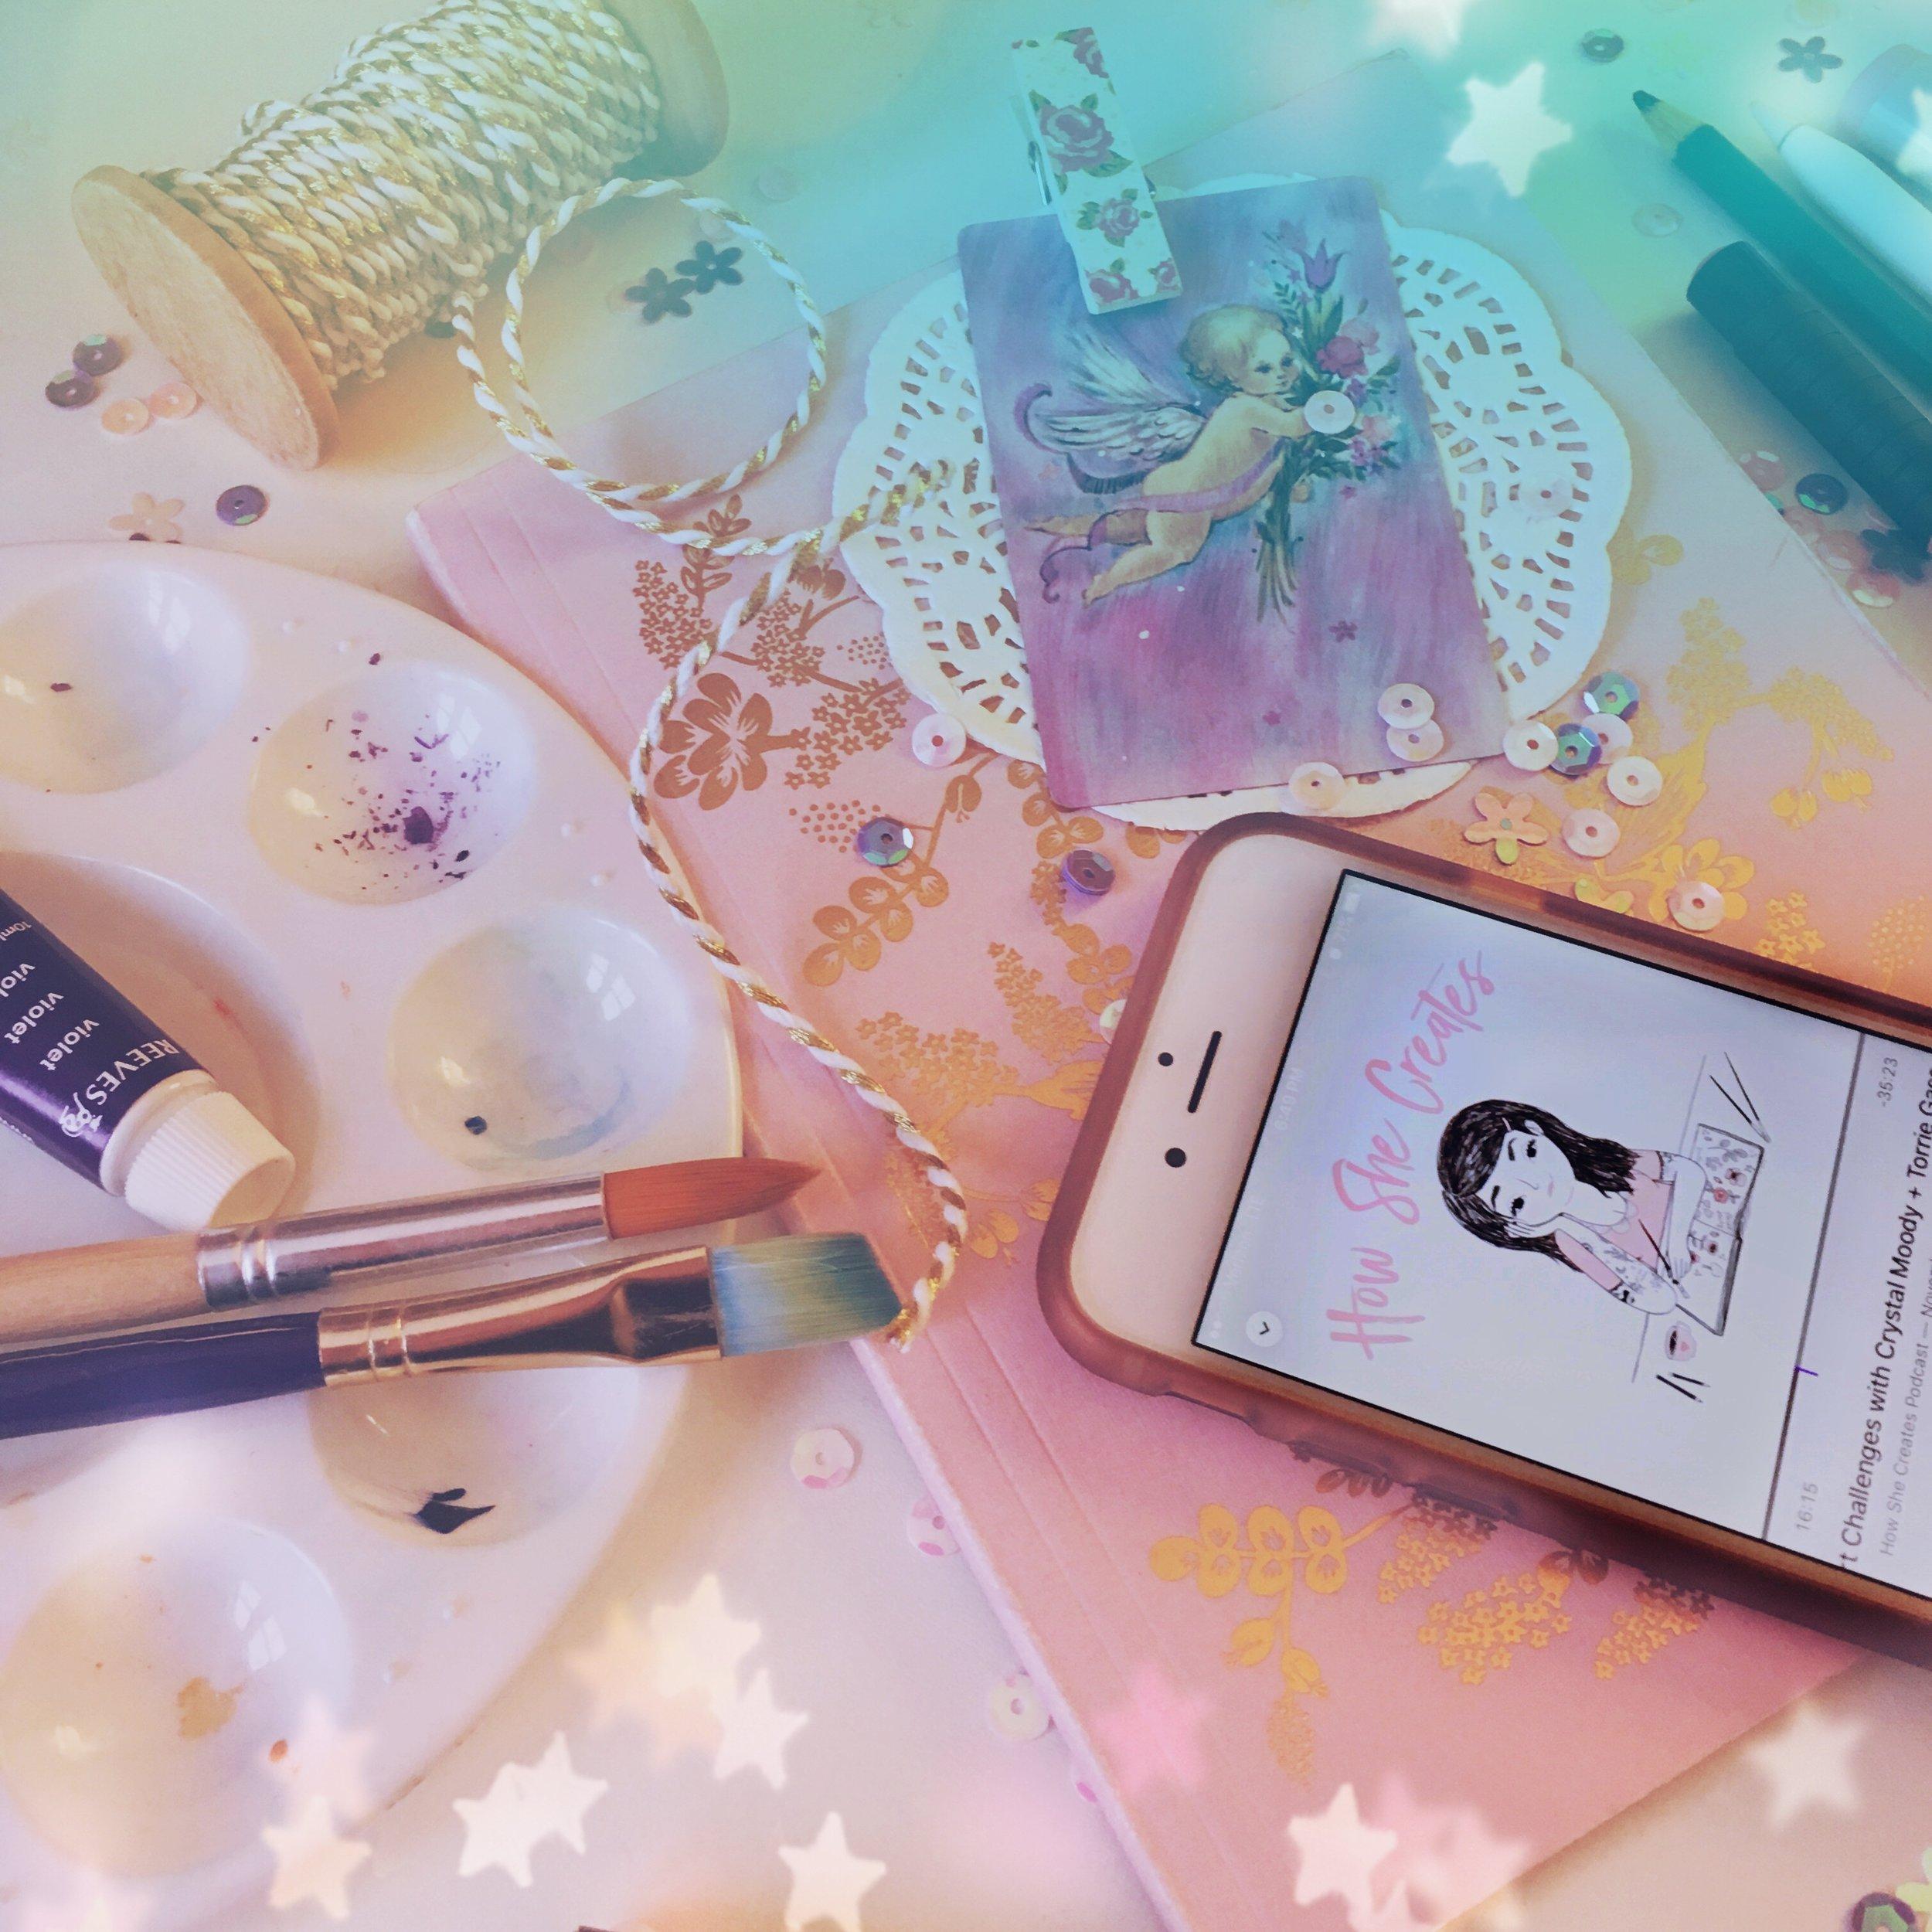 how-she-creates-podcasts-on-creativity